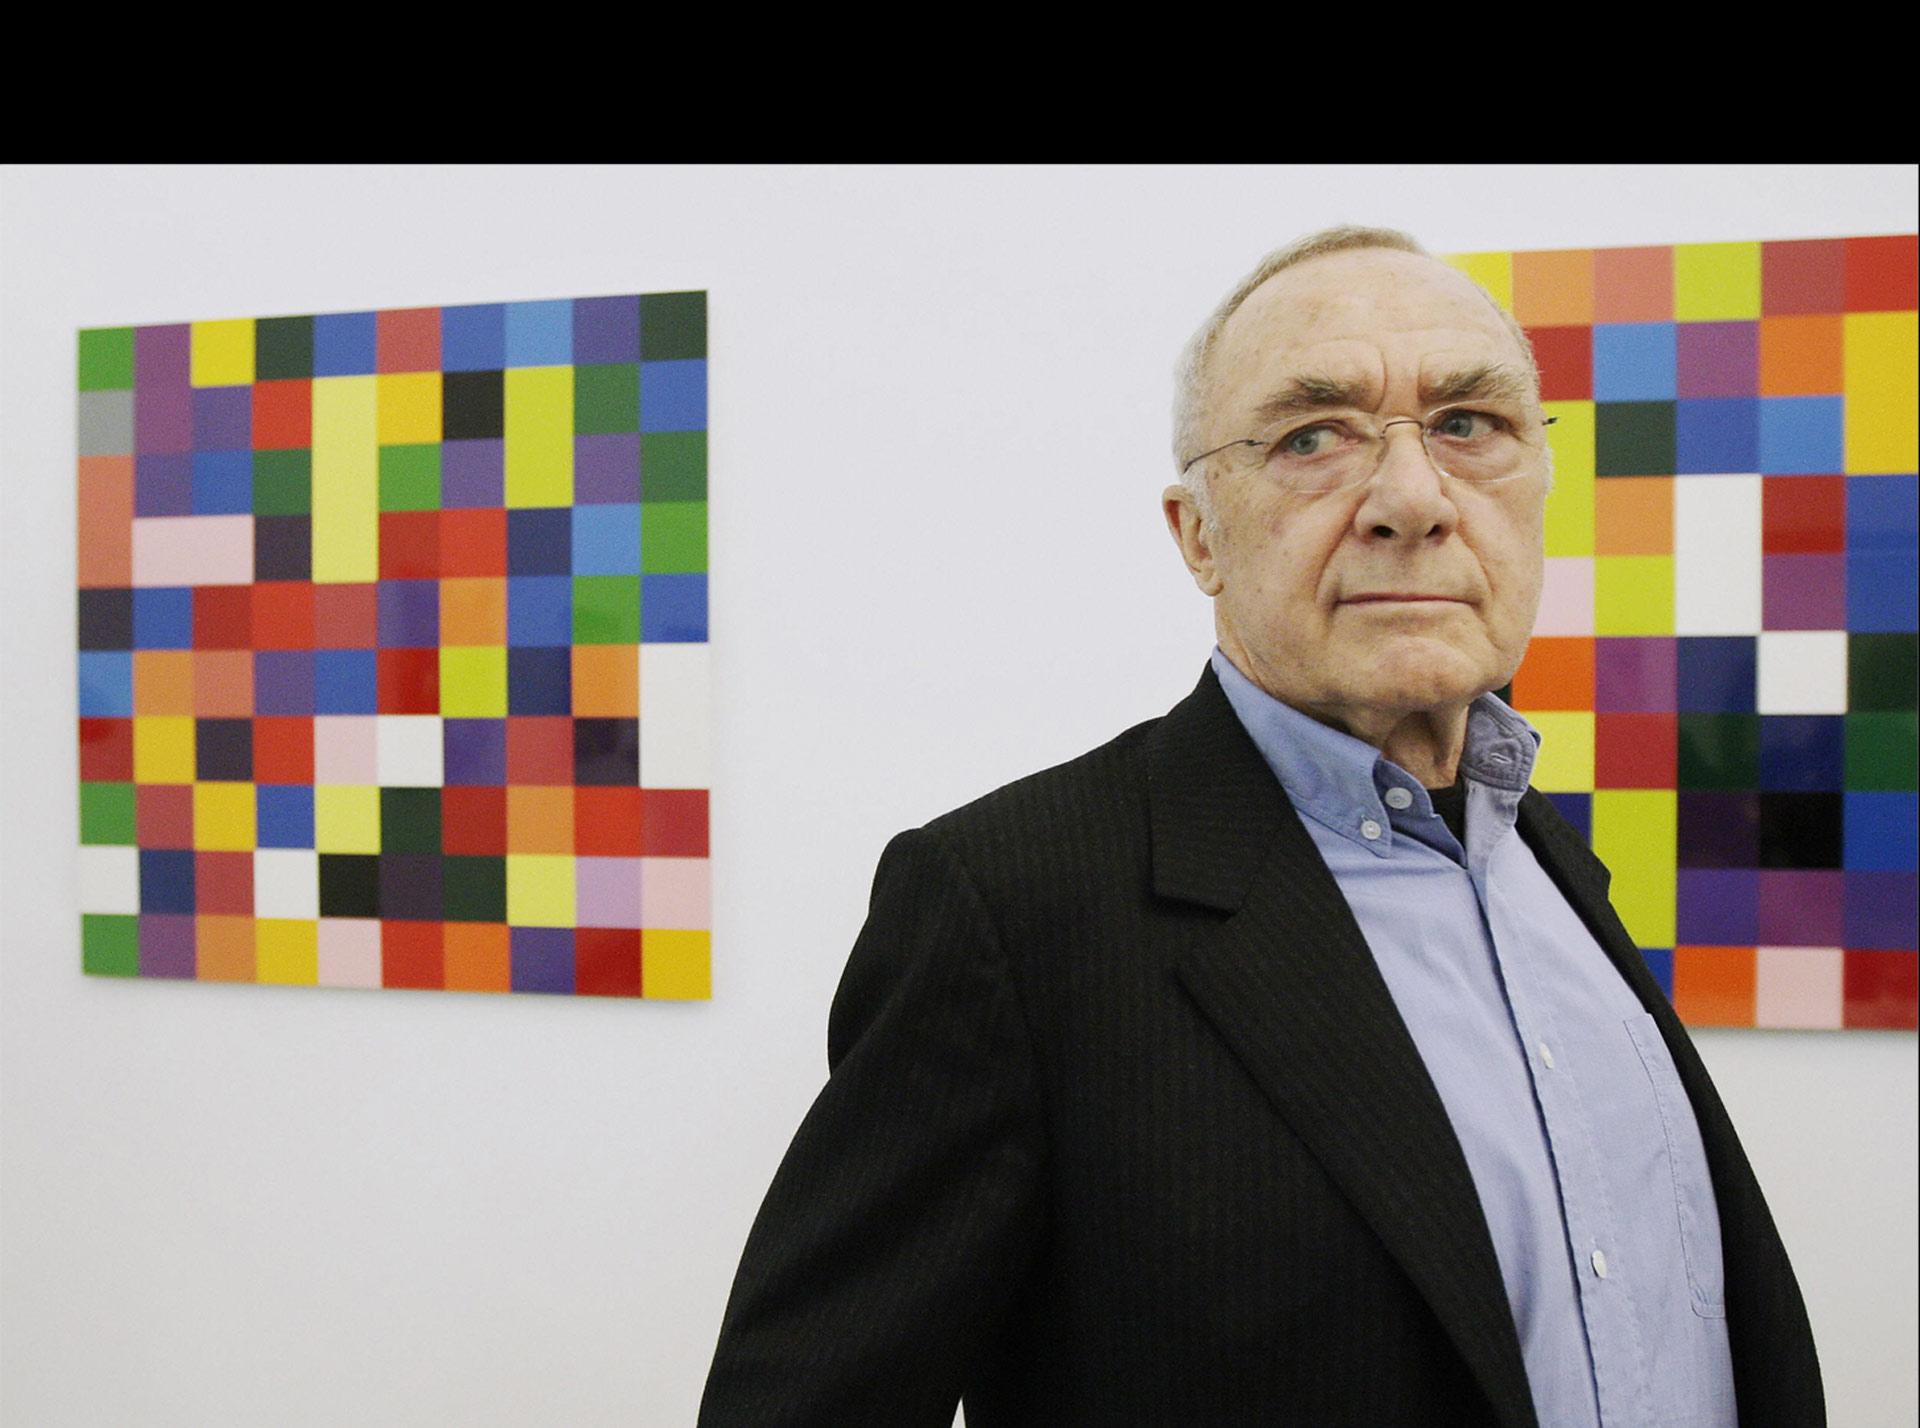 El artista alemán Gerhard Richter es uno de los principales detractores del proyecto de ley